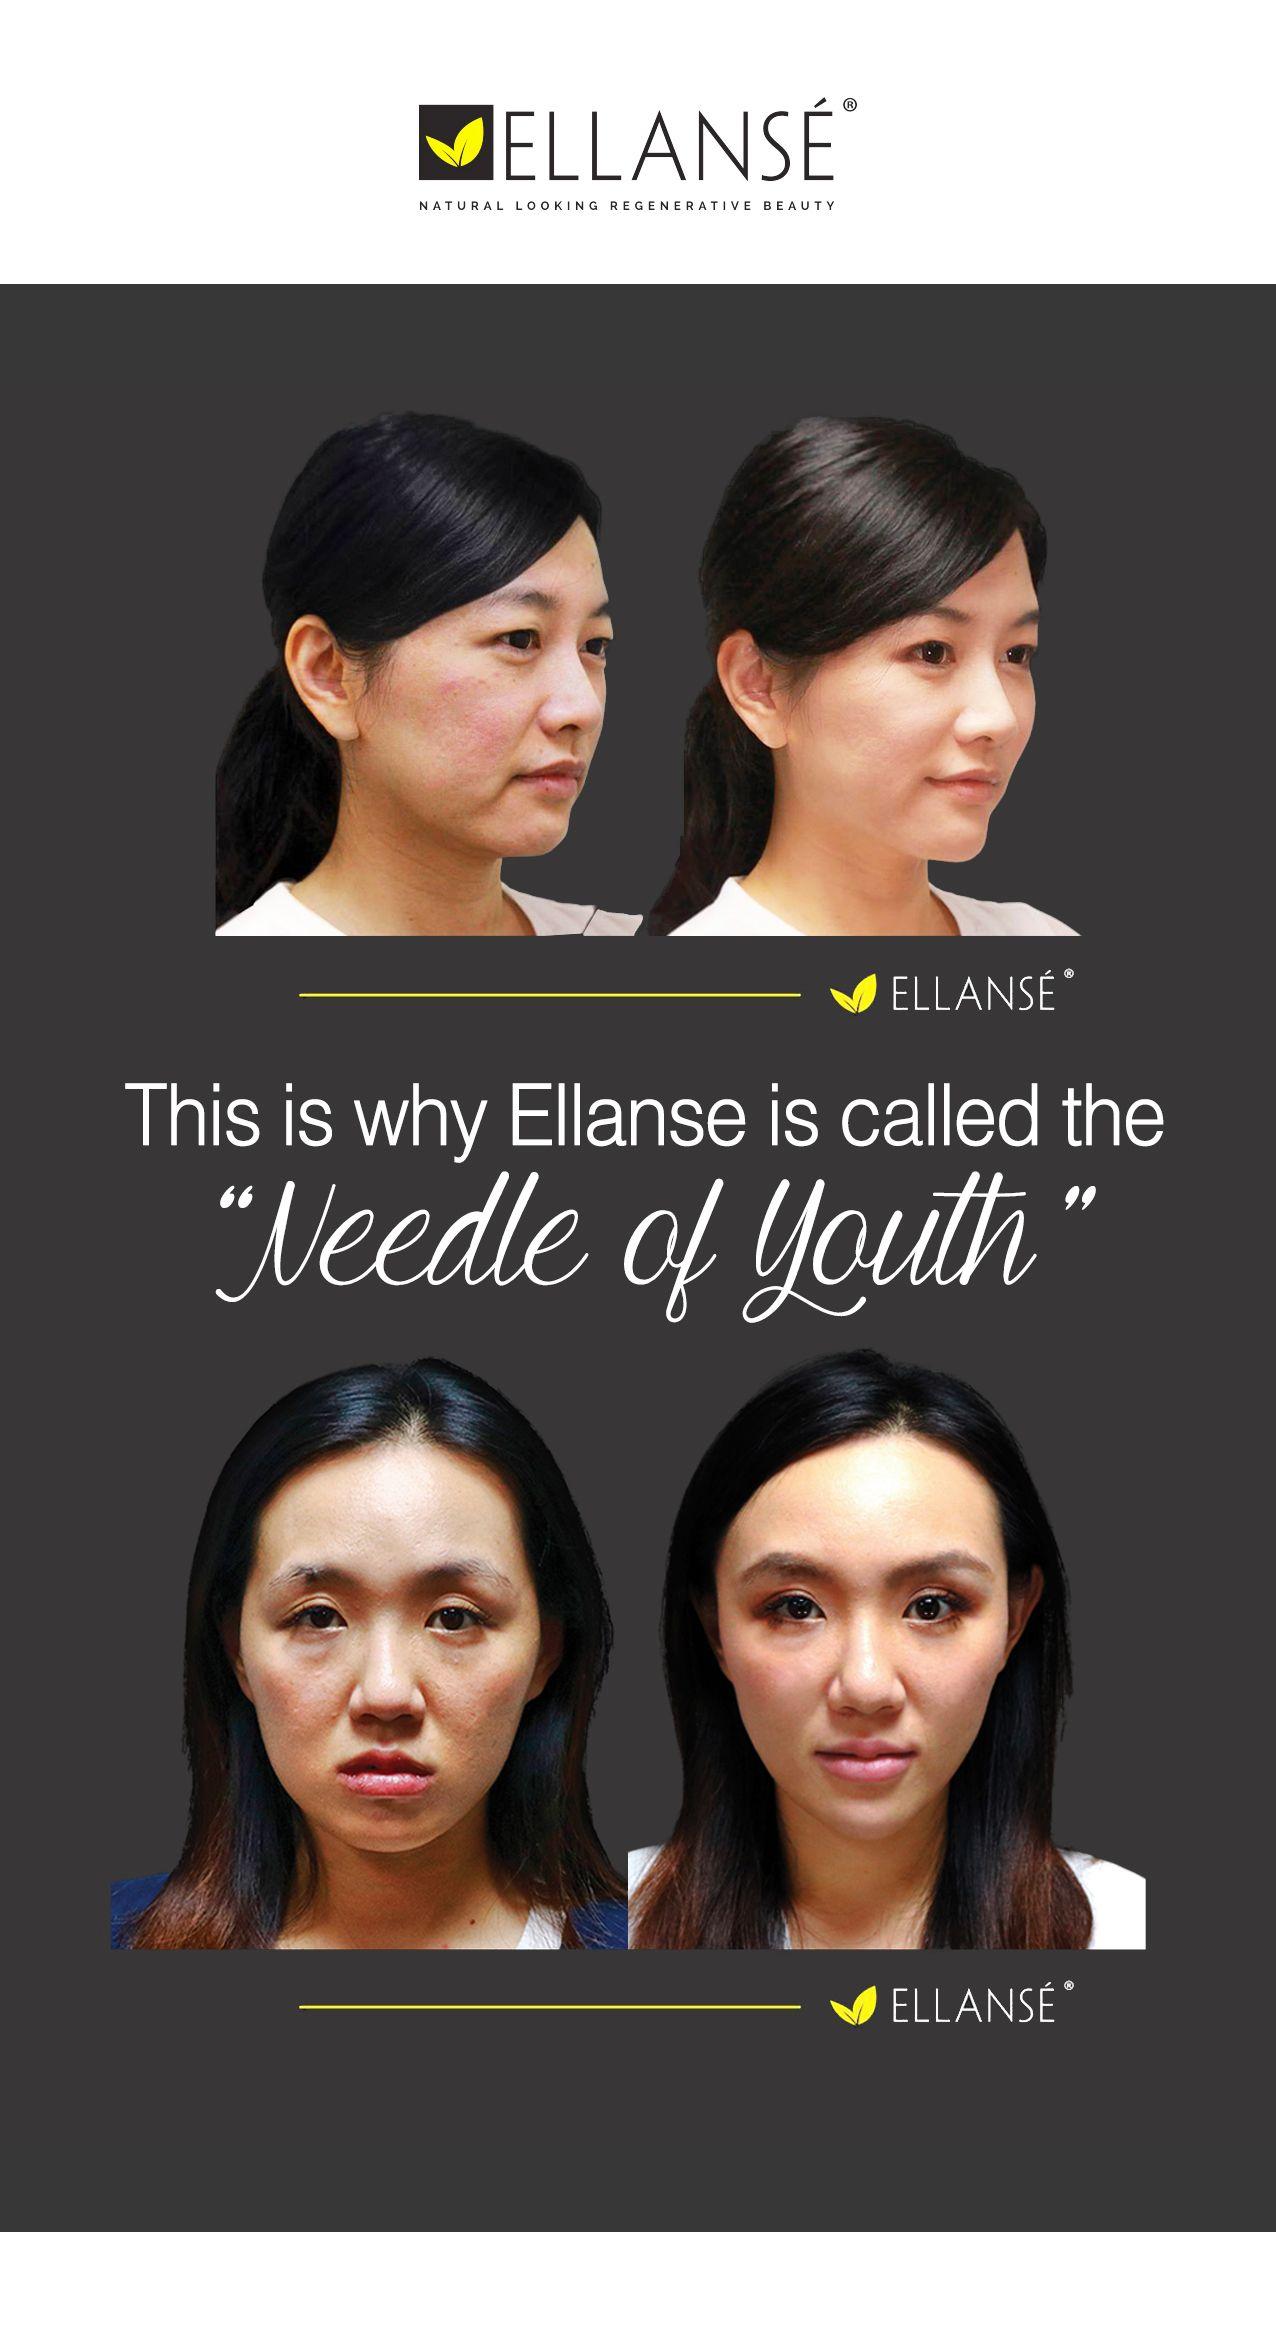 Ellanse is a unique dermal filler containing collagen